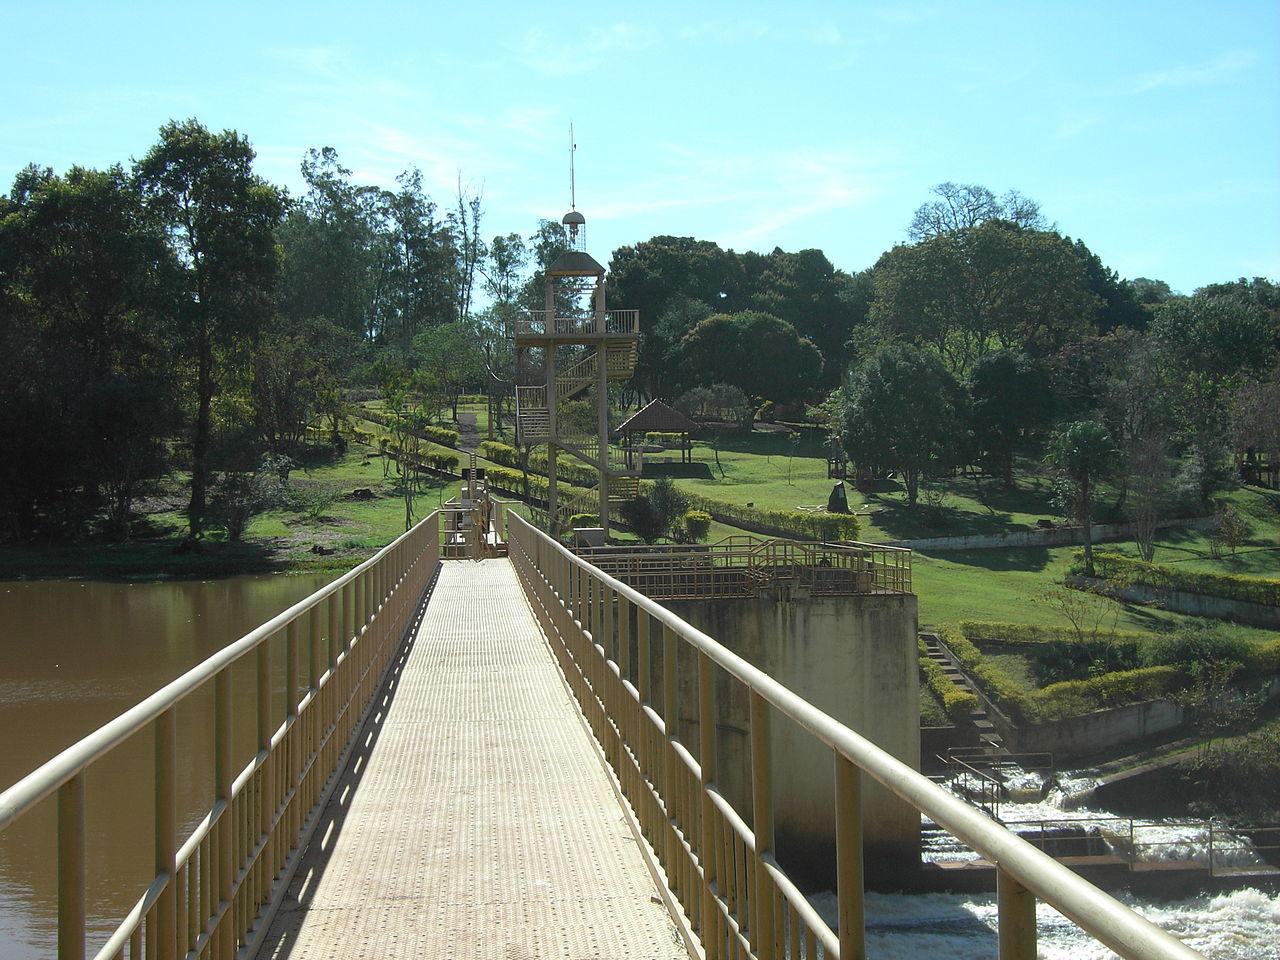 parques parque ecológico doutor daisaku ikeda londrina guia da